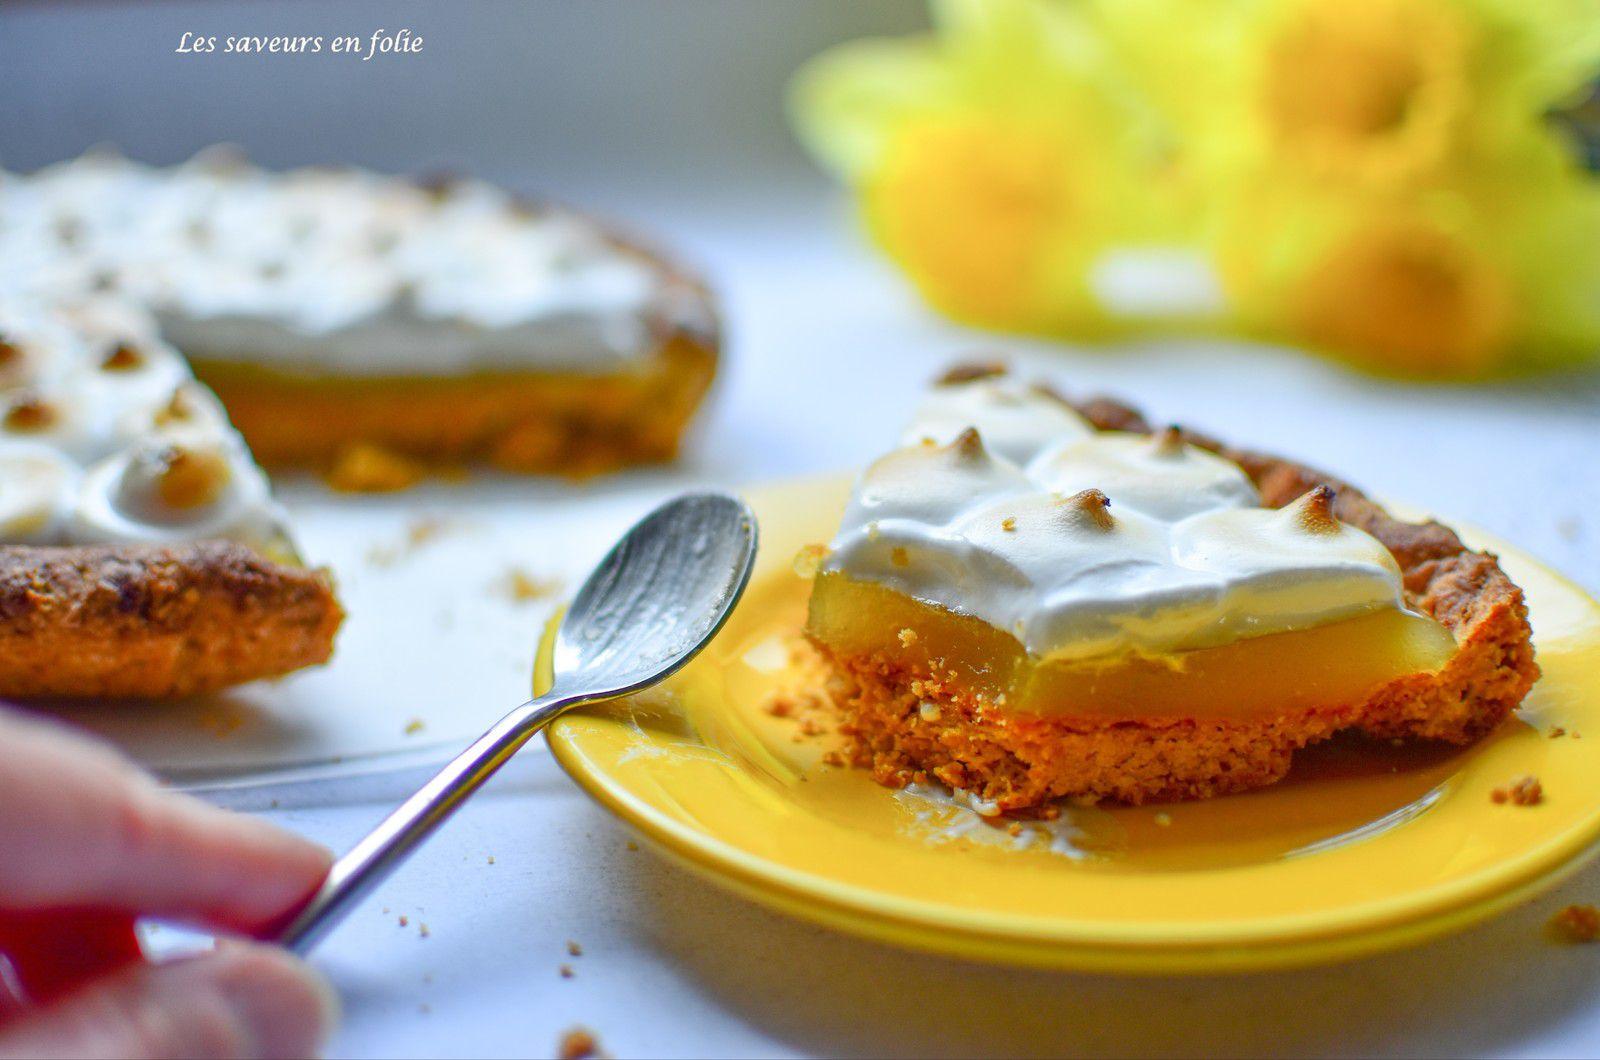 Tarte au citron meringuée végane